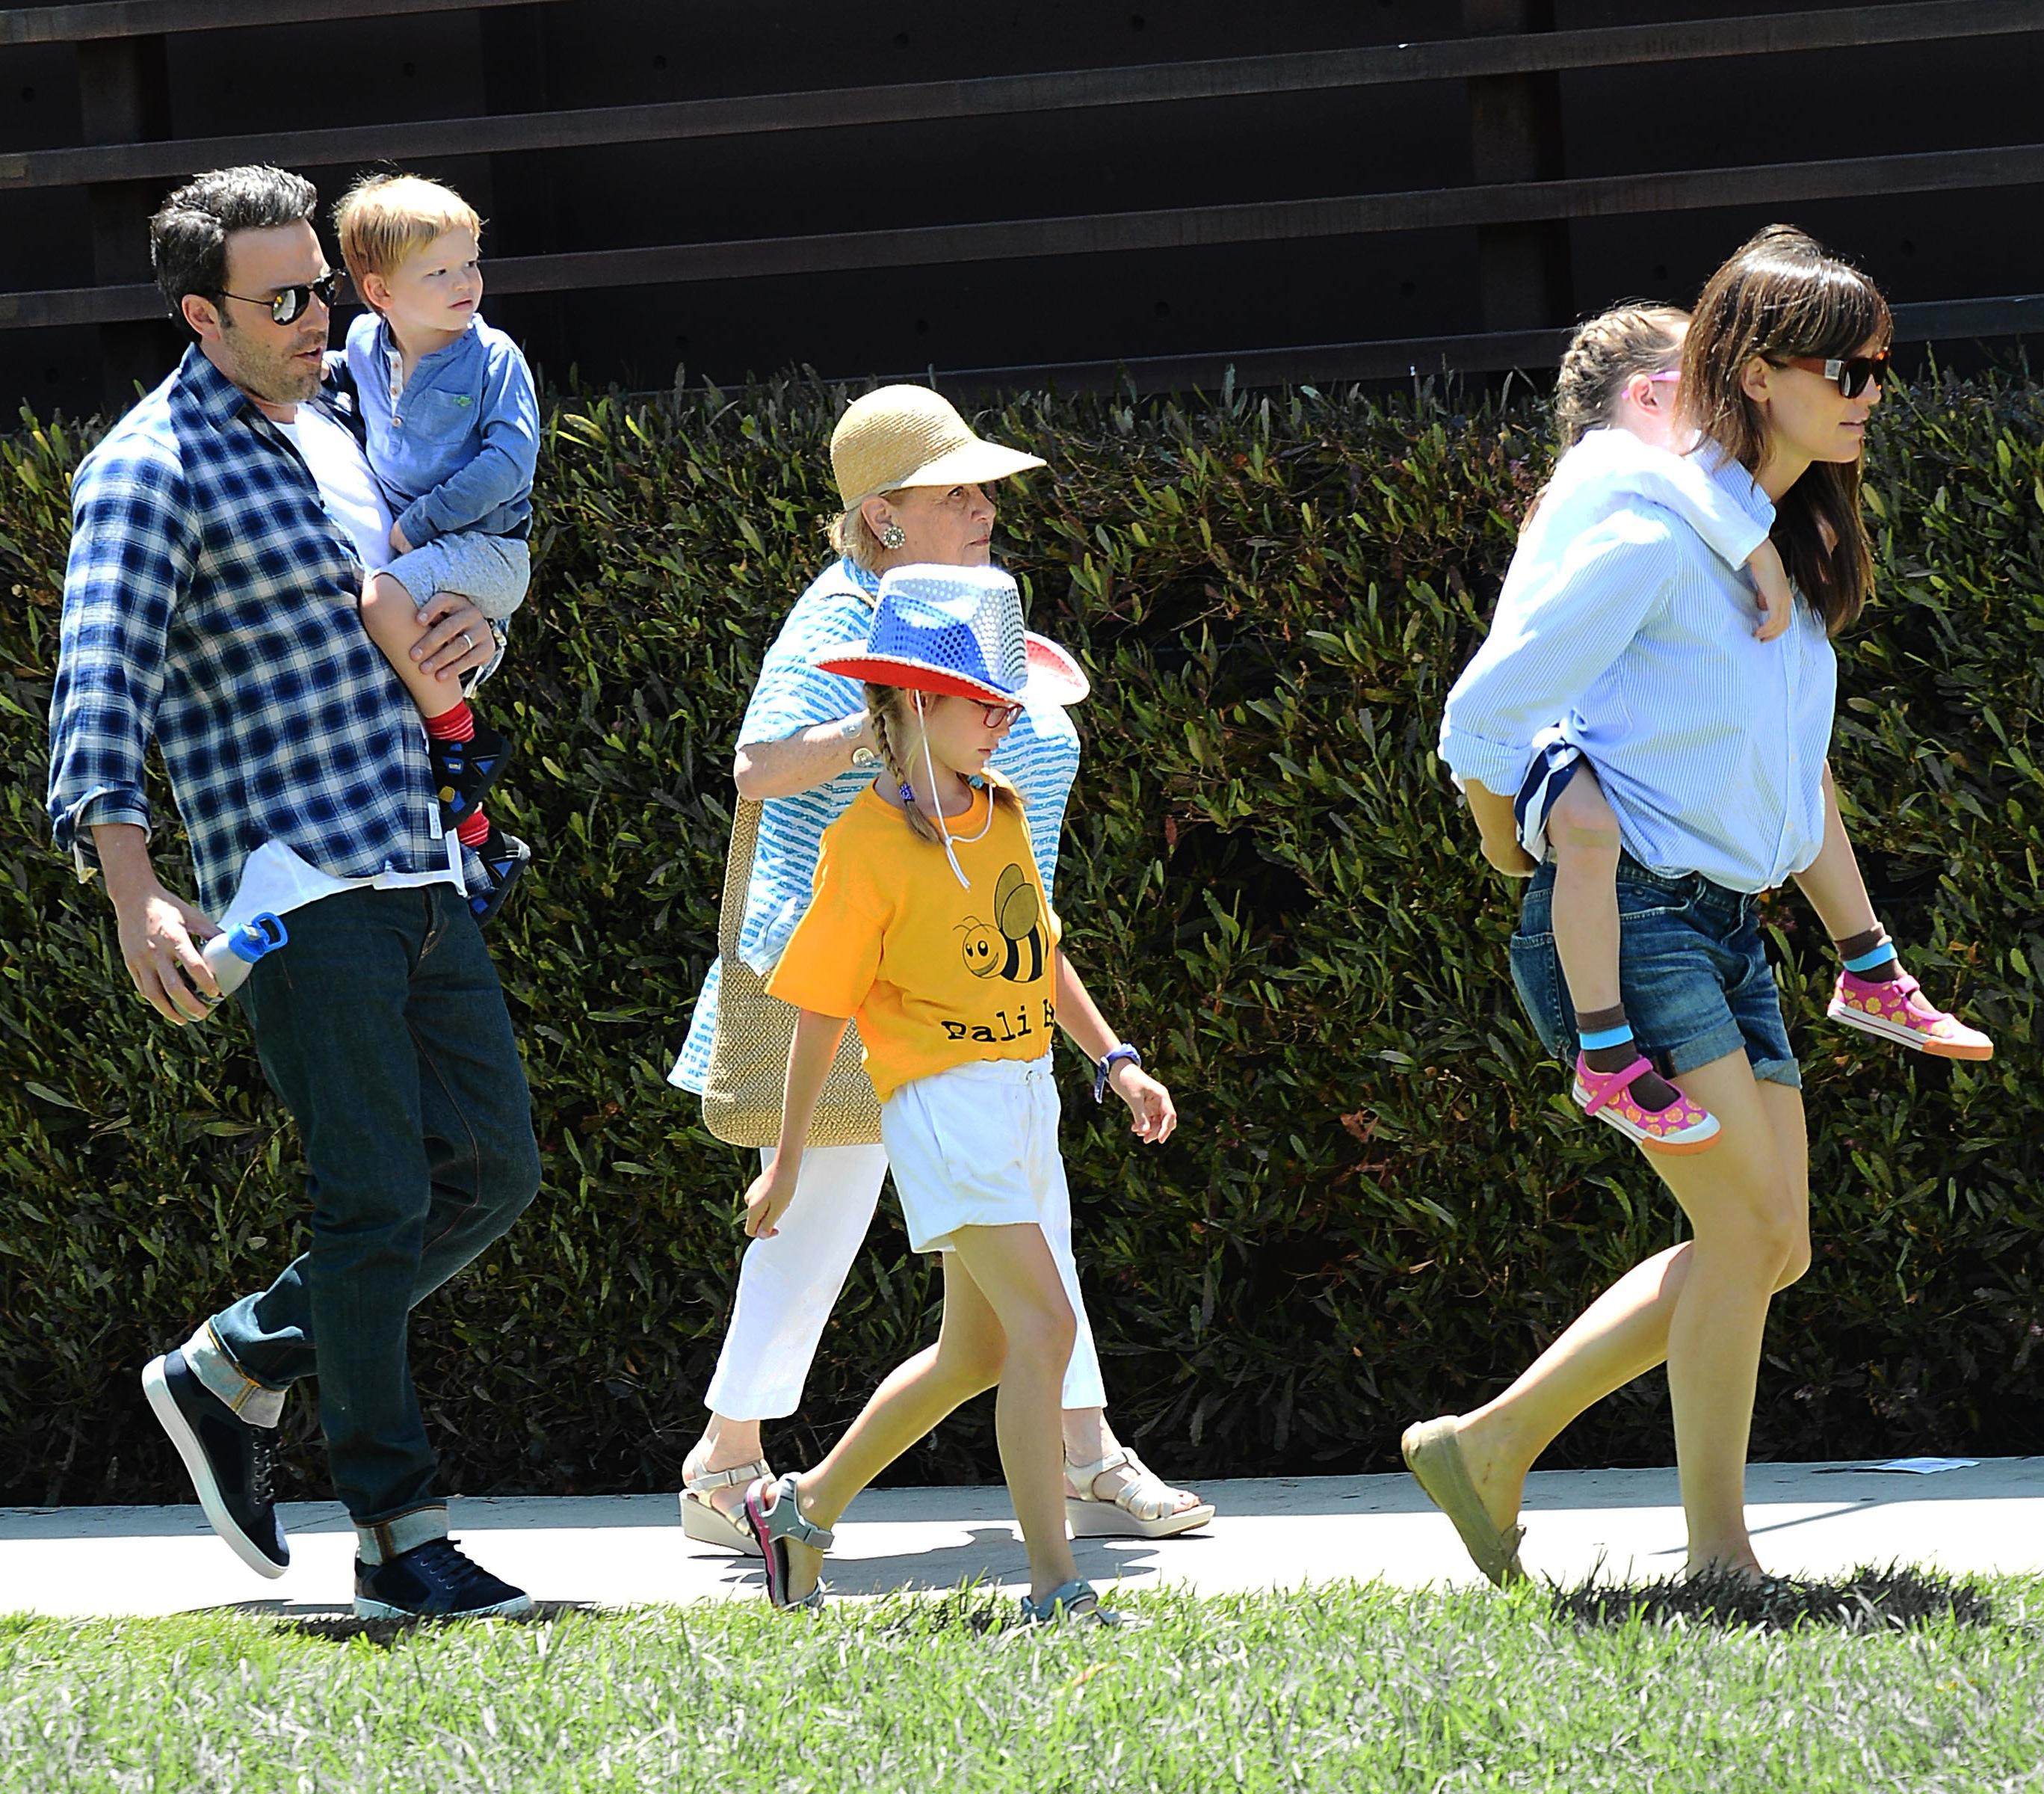 Jennifer Garner Ben Affleck Kids Splash